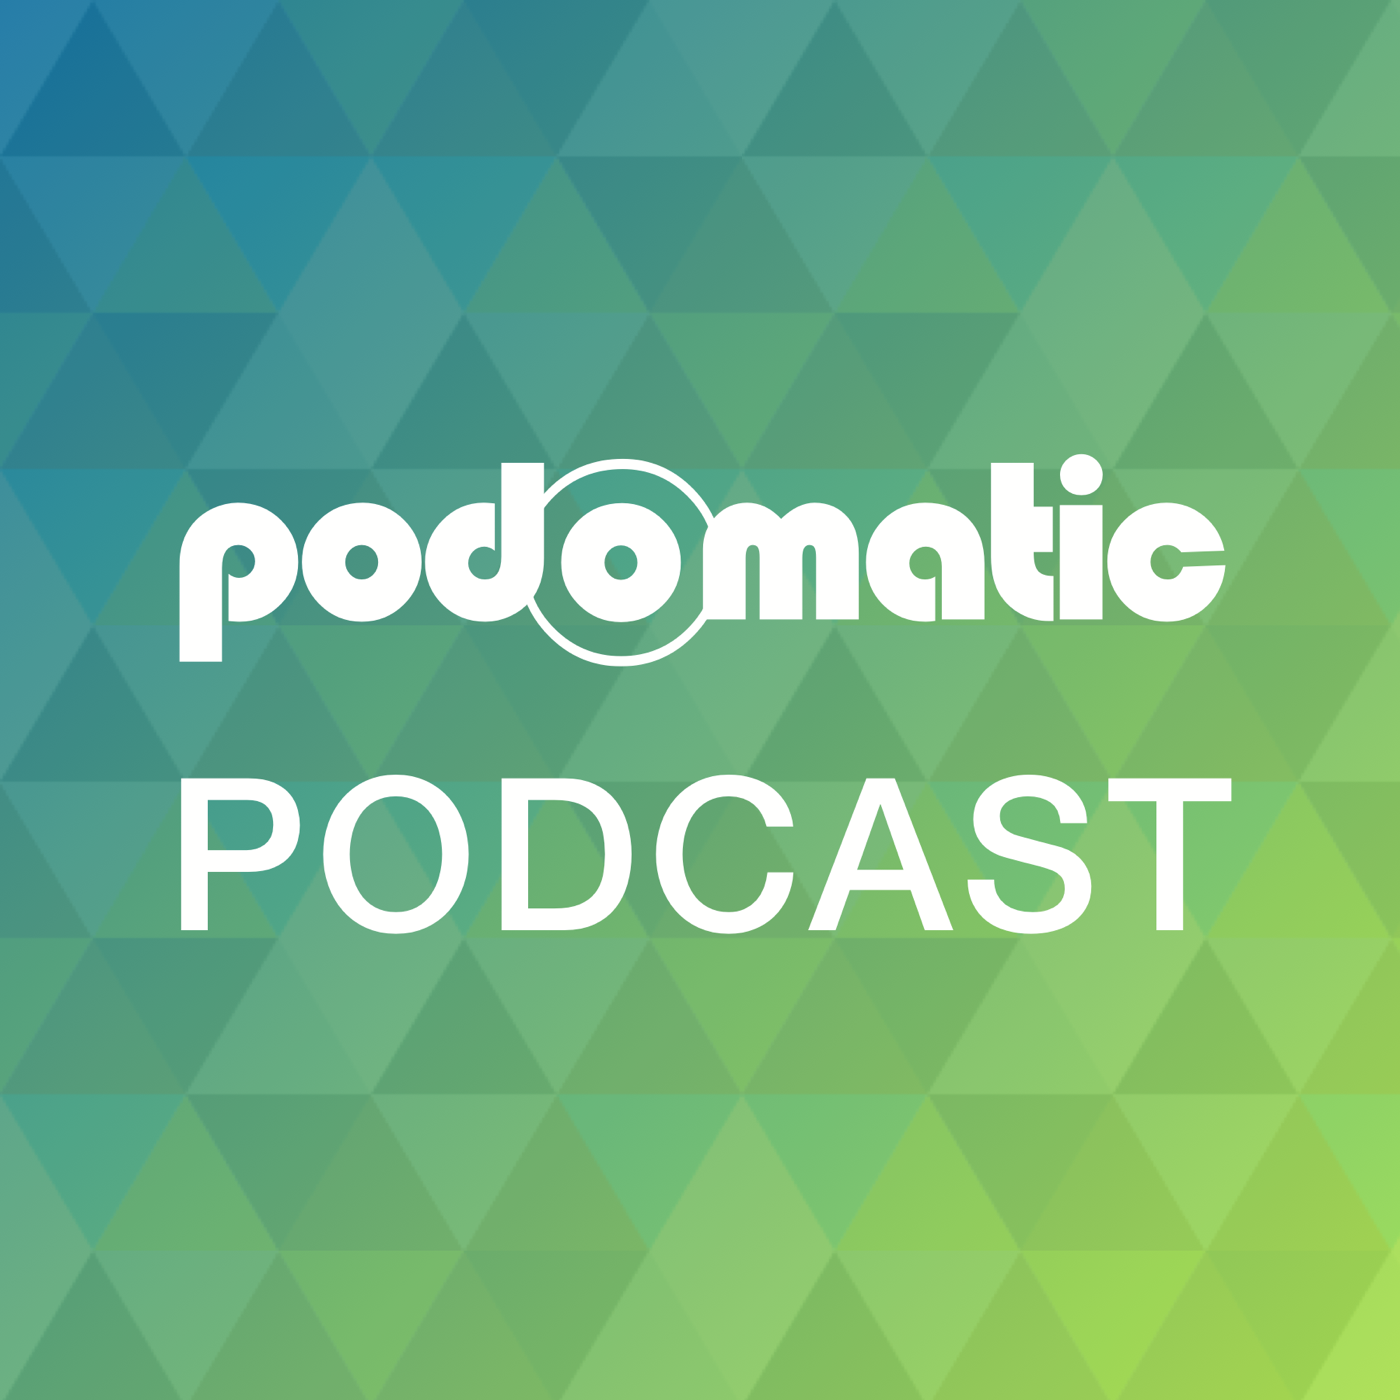 fabricio peçanha's Podcast